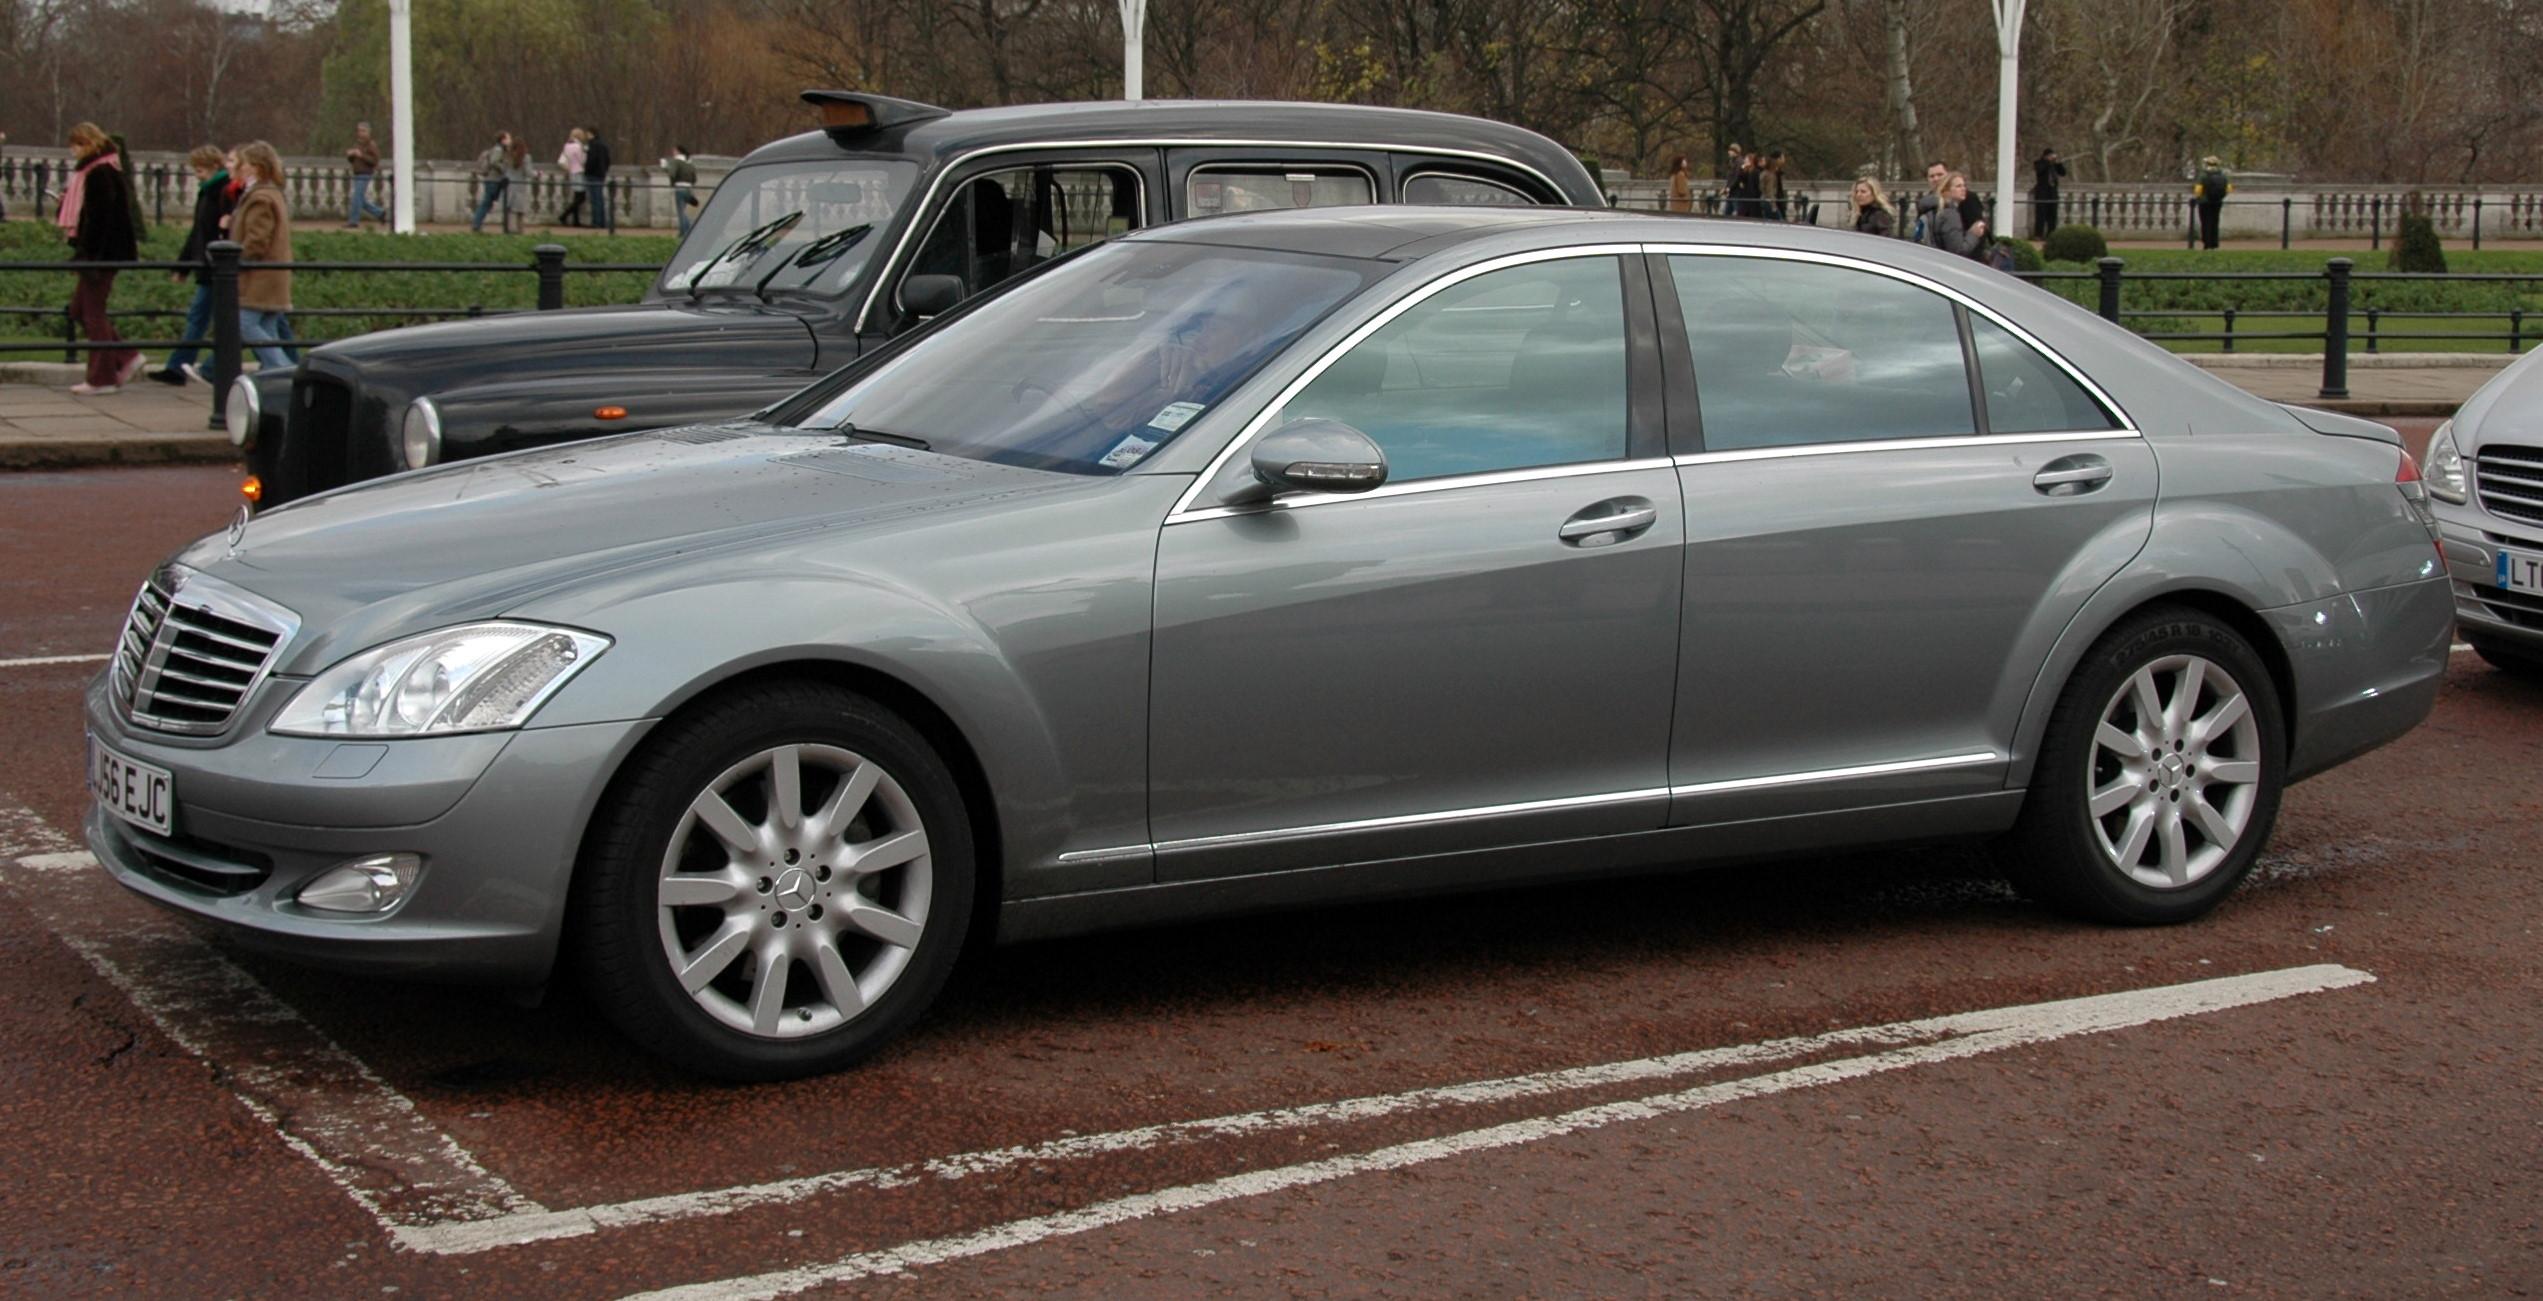 Mercedes benz s 600 l photos reviews news specs buy car for Buy a mercedes benz